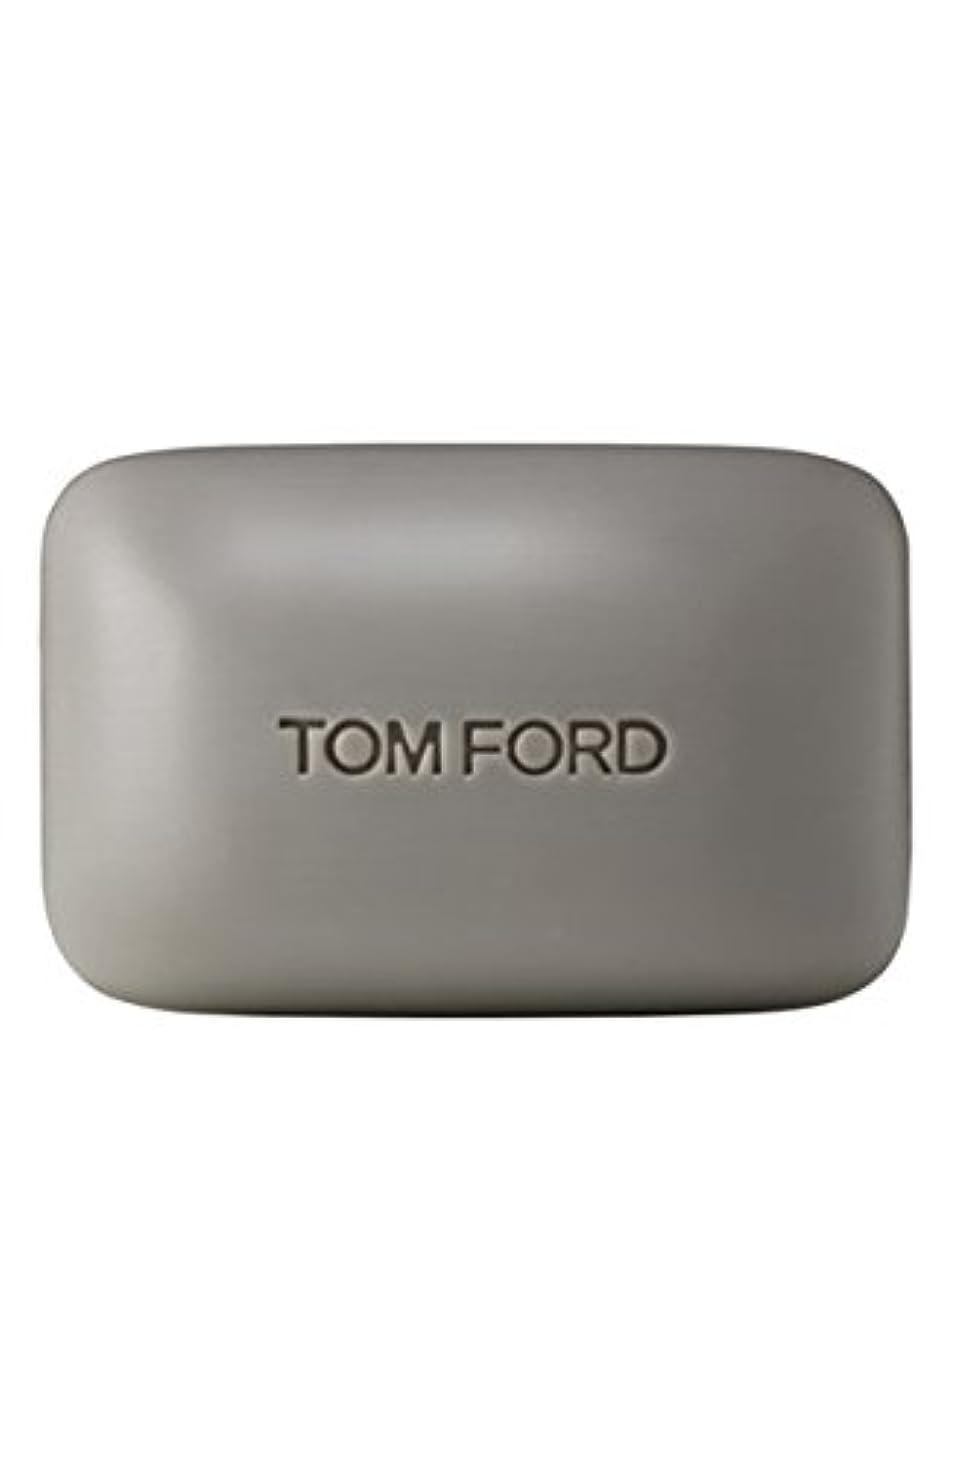 豚肉あたたかい埋めるTom Ford Private Blend 'Oud Wood' (トムフォード プライベートブレンド オードウッド) 5.5 oz (165ml) Bar Soap (固形石鹸)